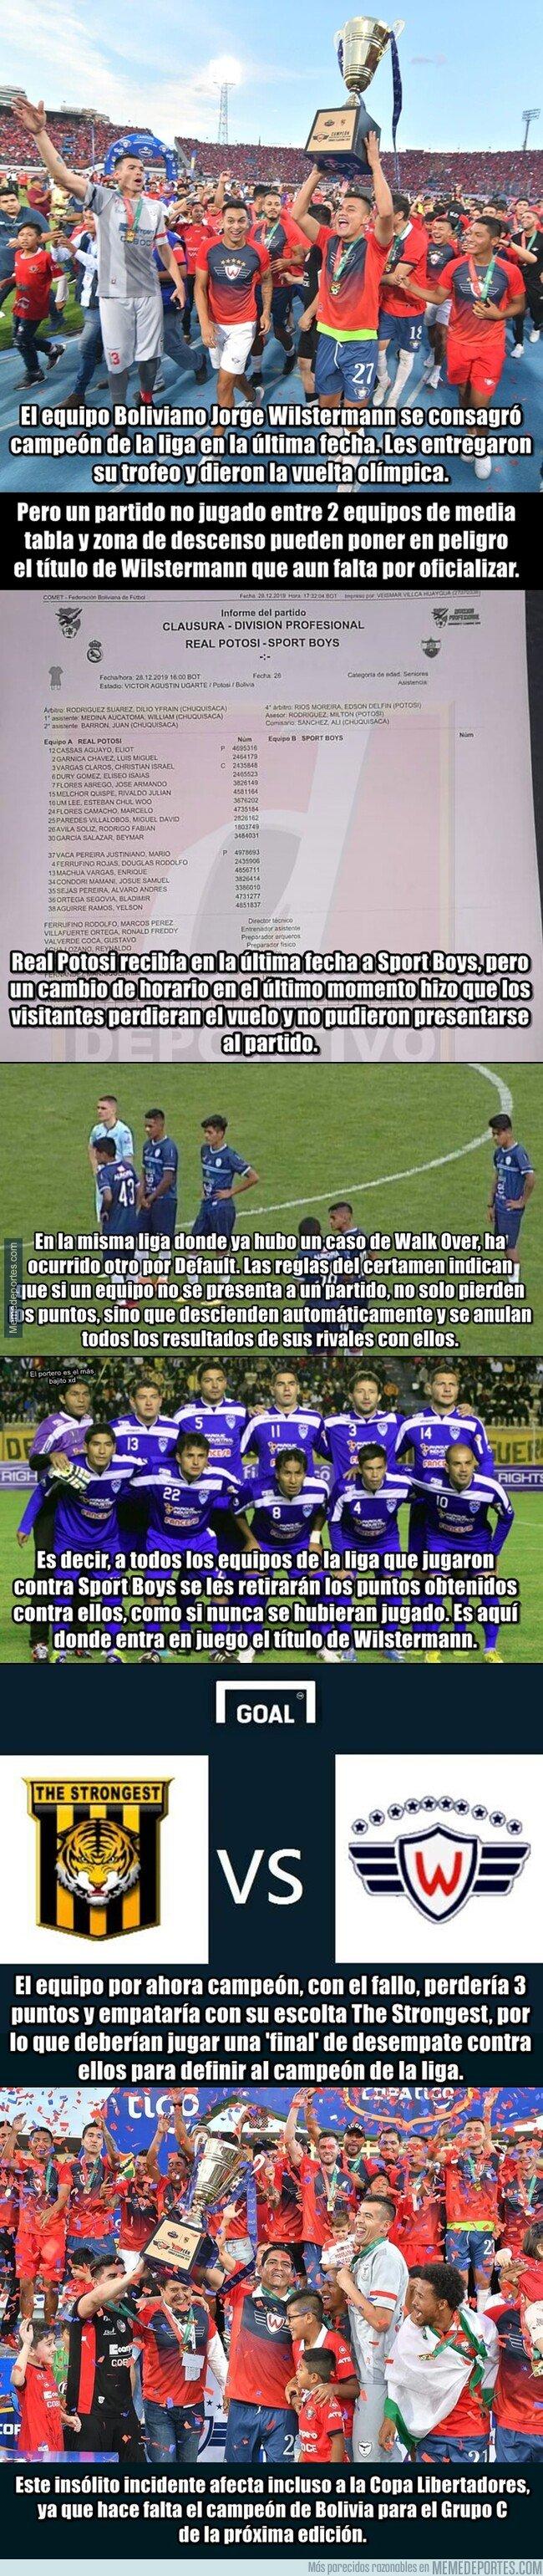 1094708 - Otra vez Bolivia: El campeón de la liga puede perder un título por un partido no jugado entre otros dos